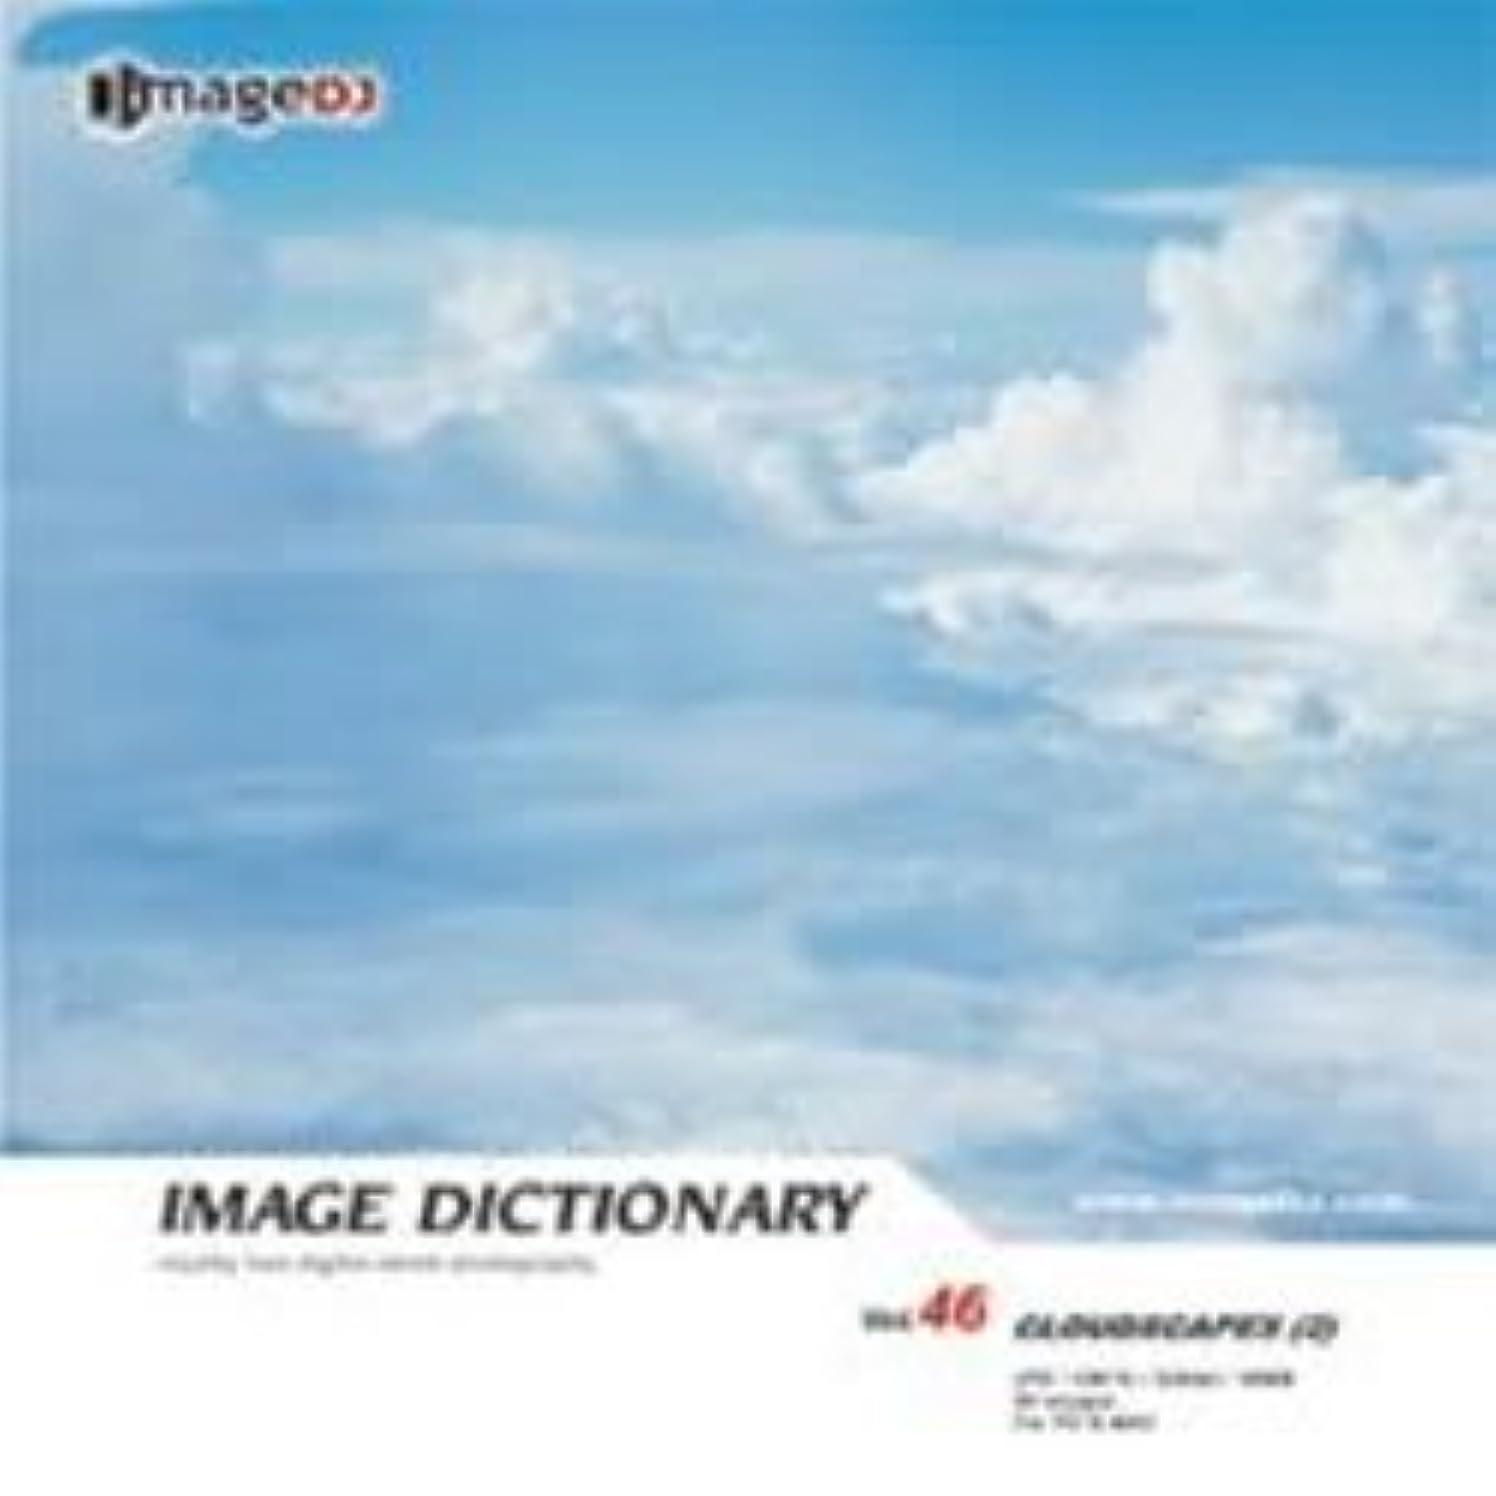 撤退トランザクションカバーイメージ ディクショナリー Vol.46 雲(2)